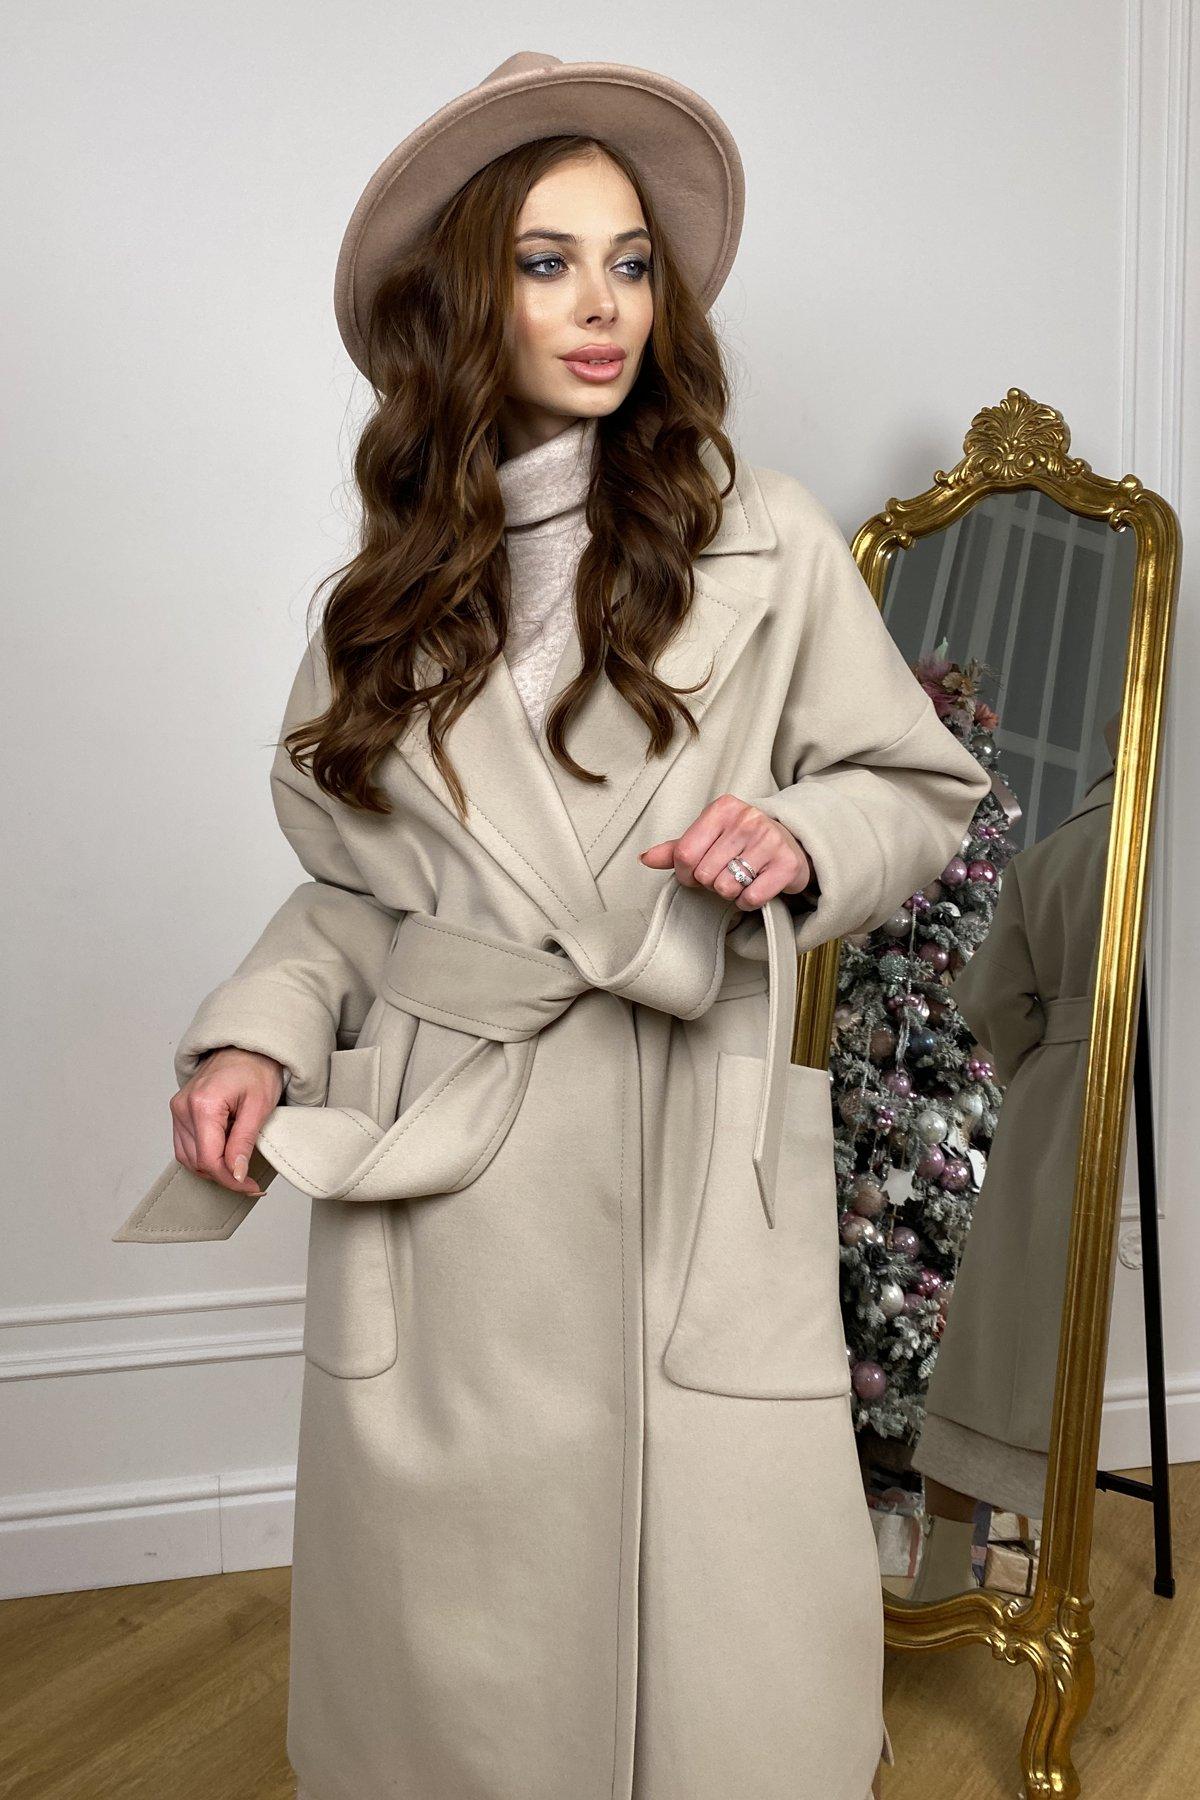 Кейт  зимнее пальто  из кашемира с хомутом 10097 АРТ. 46406 Цвет: Бежевый - фото 6, интернет магазин tm-modus.ru